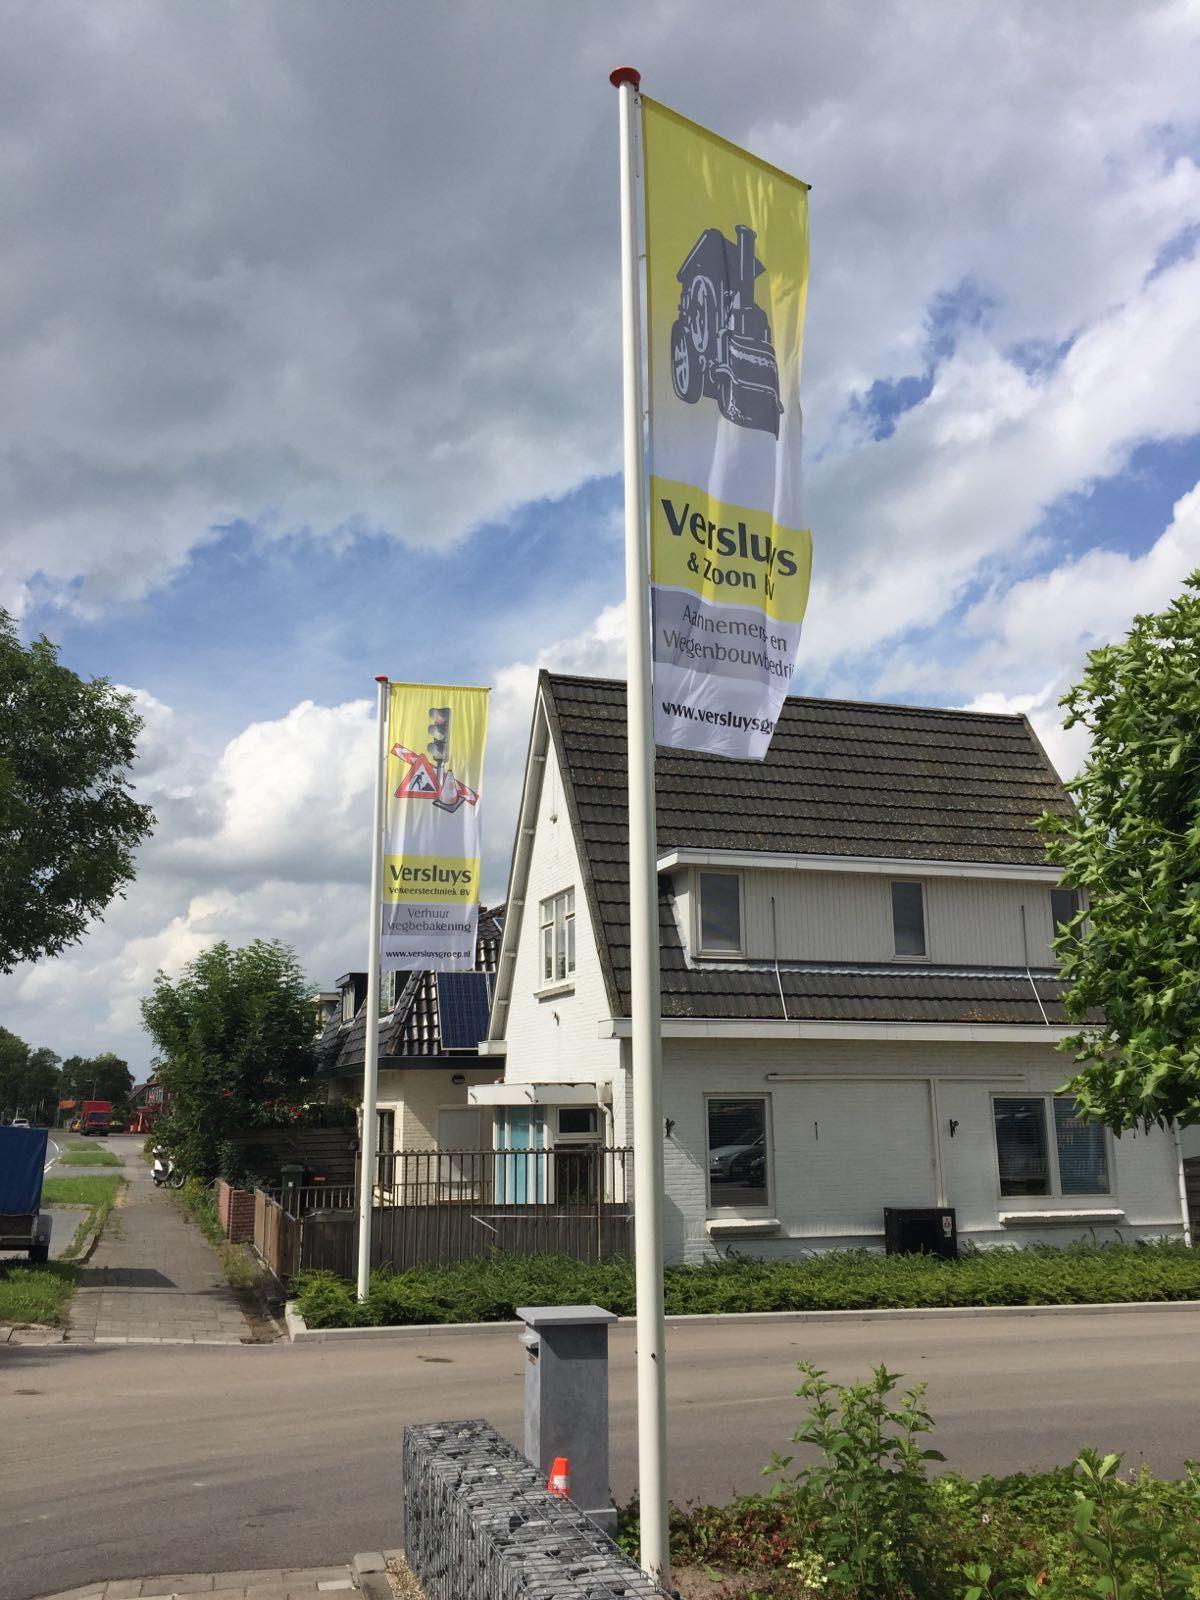 Vlaggenmasten Versluys Groep